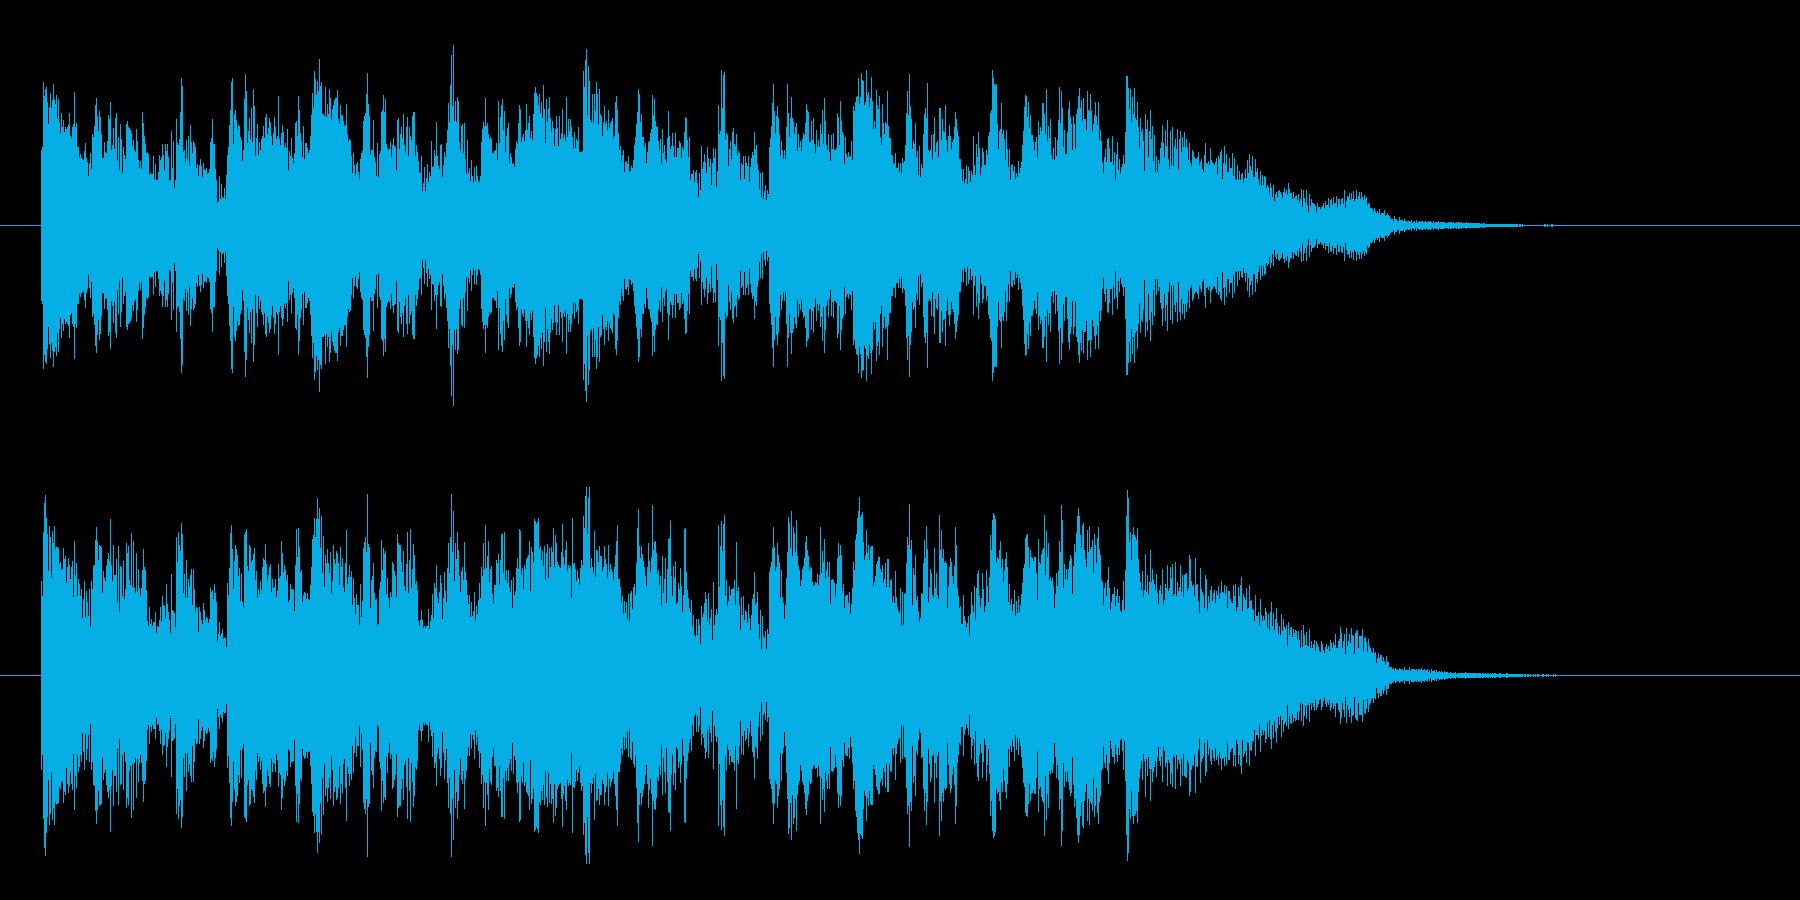 カフェミュージック的なジングル曲の再生済みの波形